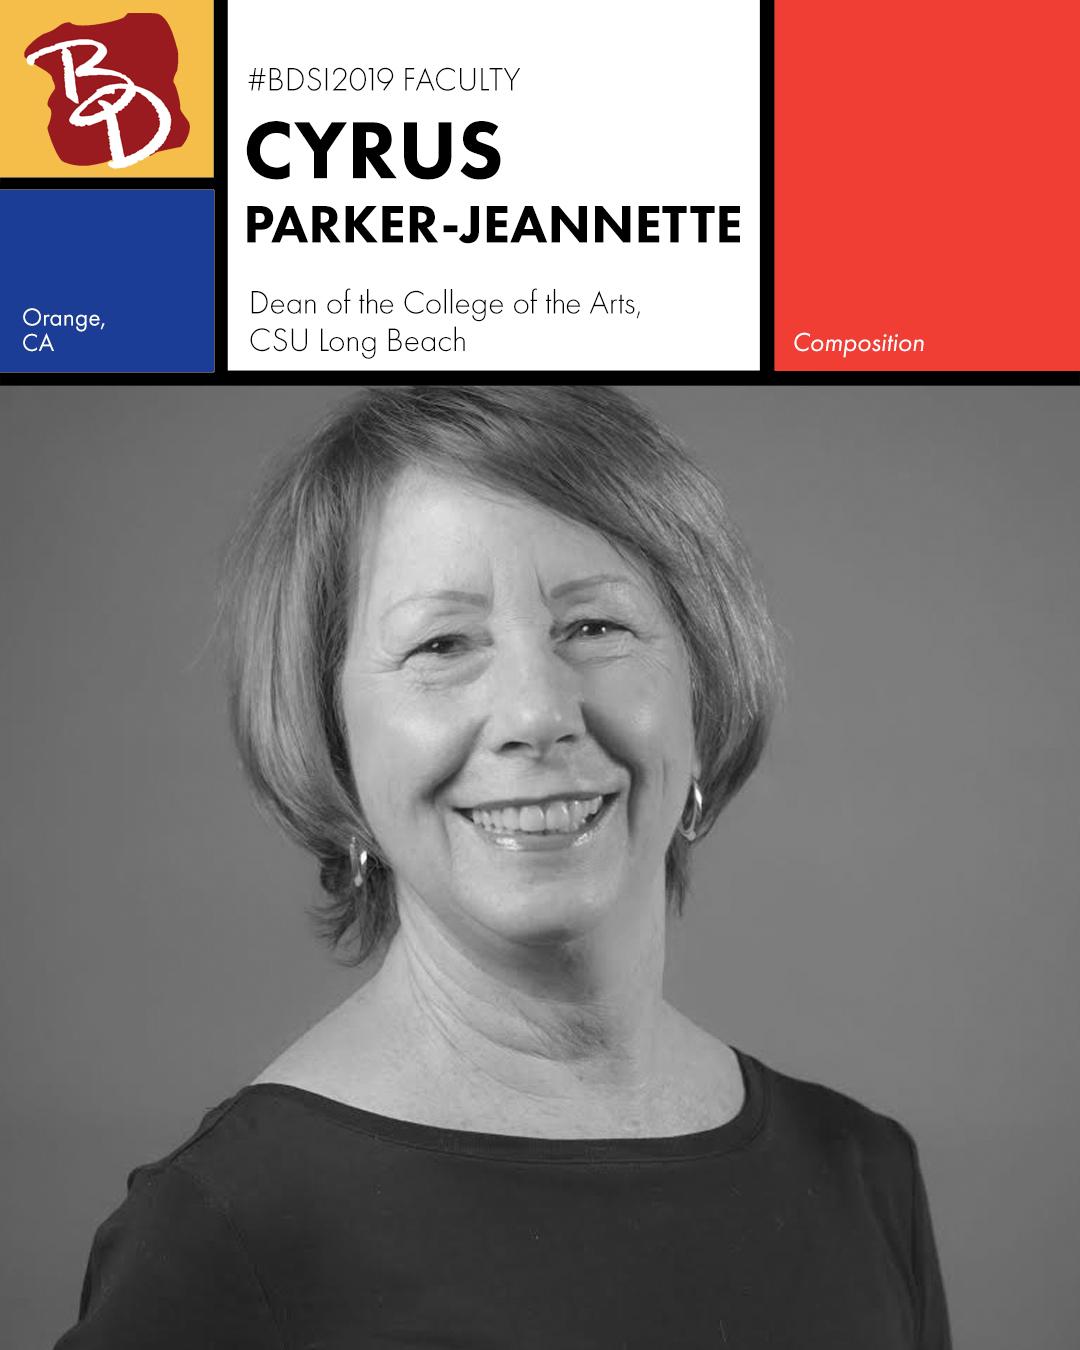 Faculty Announcement - Parker-Jeannette Cyrus.jpg